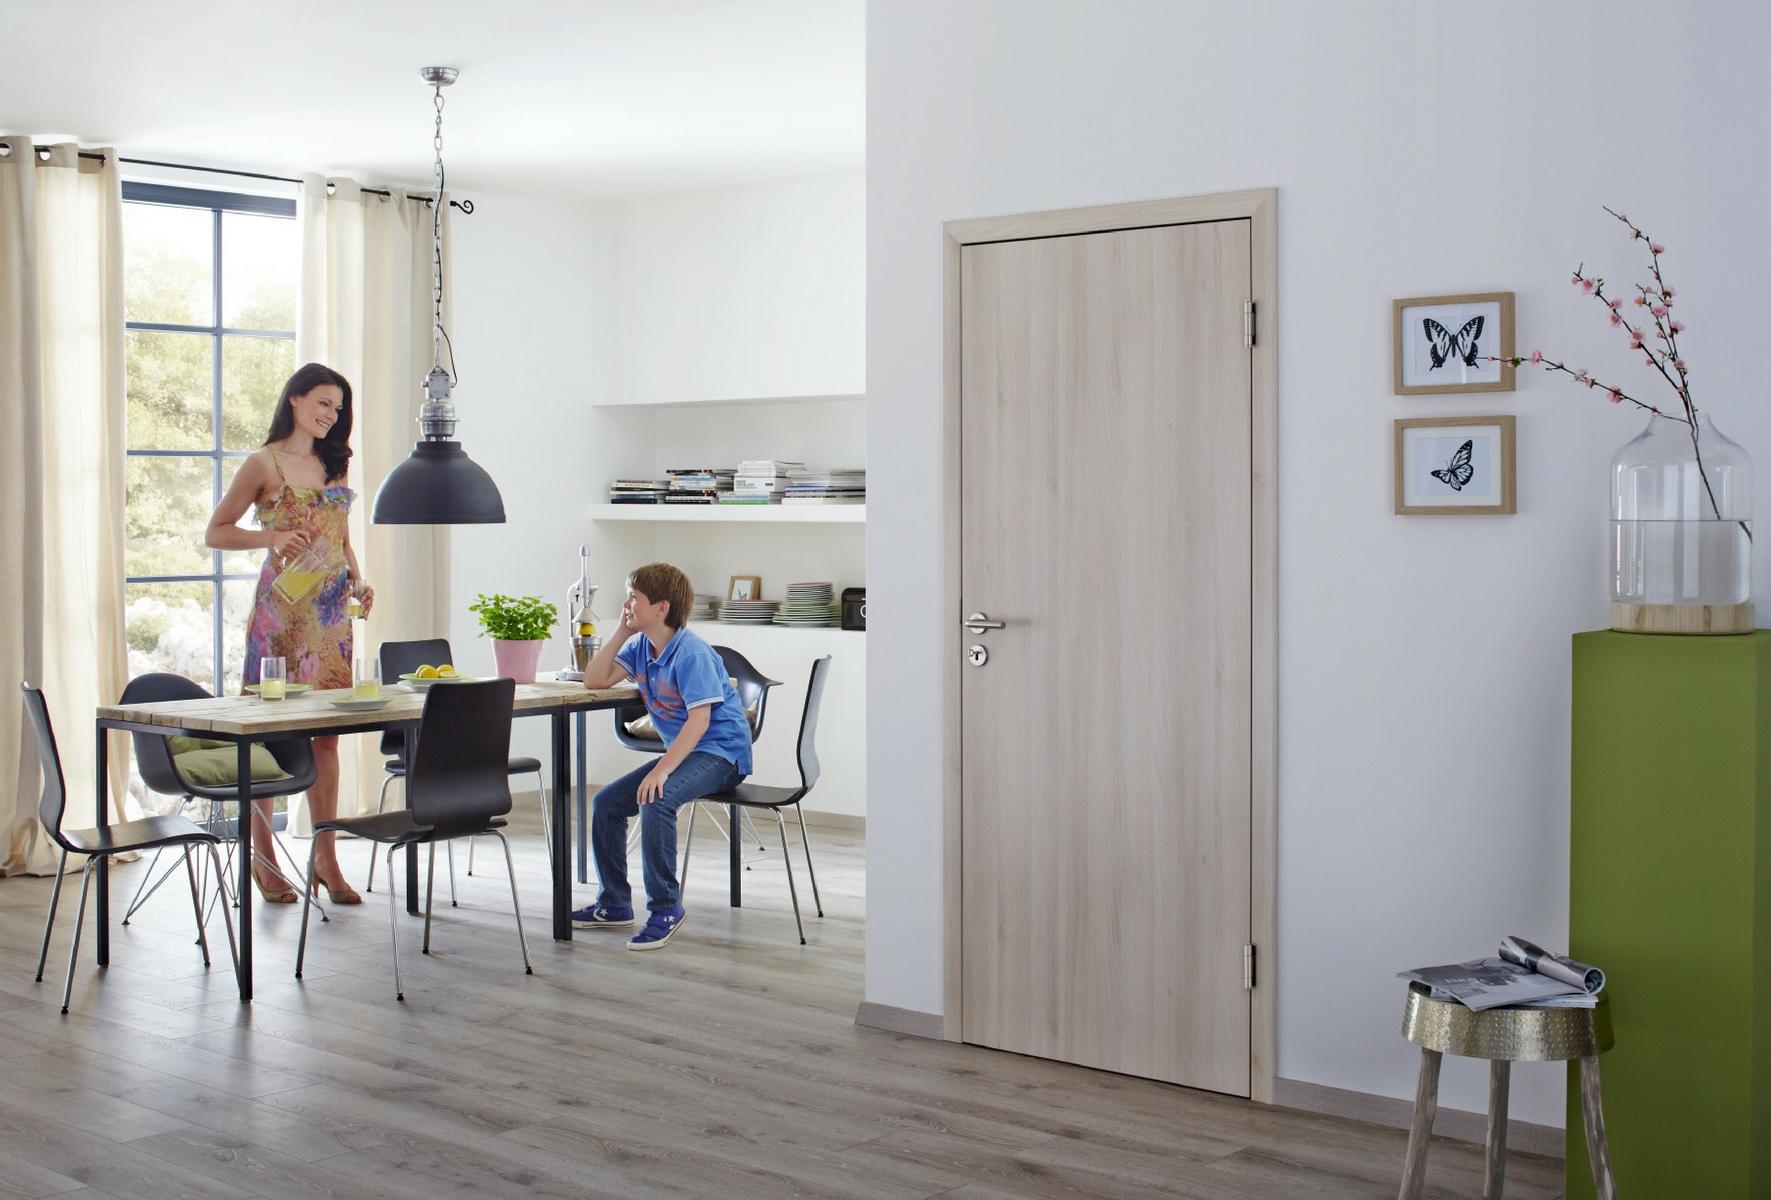 Schiebetür Wohnzimmer schiebetüren kaufberatung